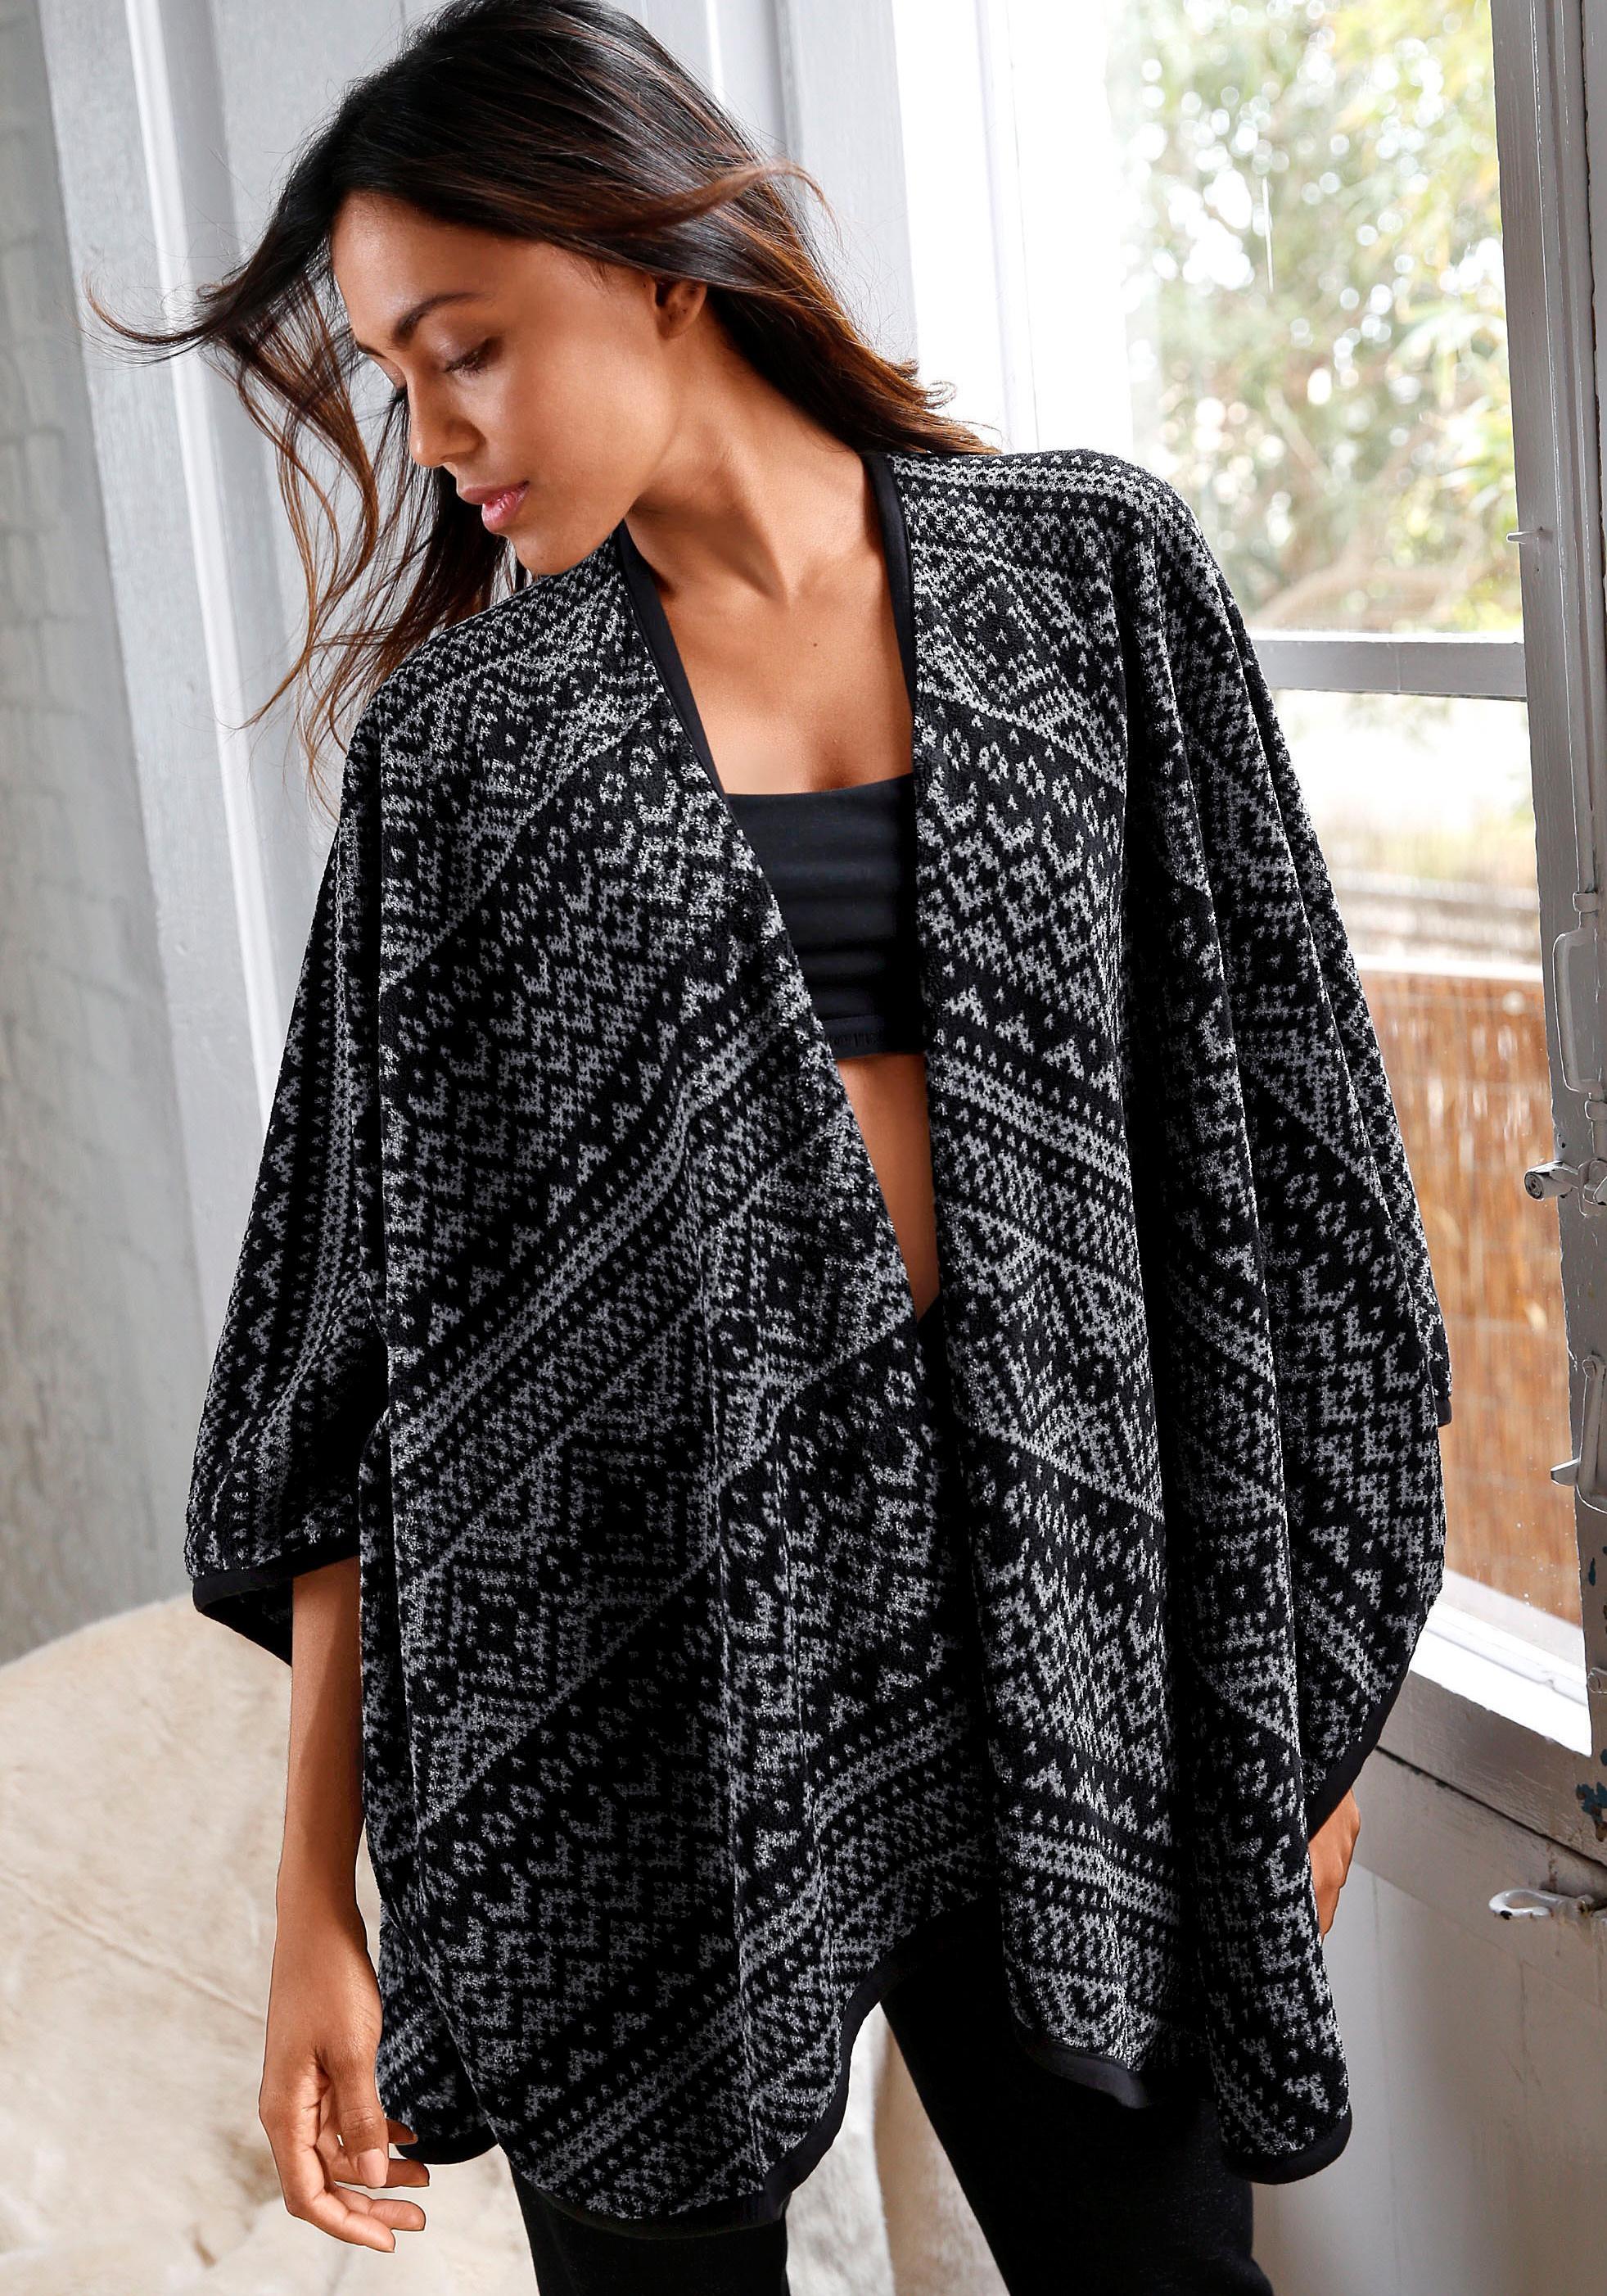 Rebelle open poncho in zwart/grijs Noorwegen-design nu online bestellen